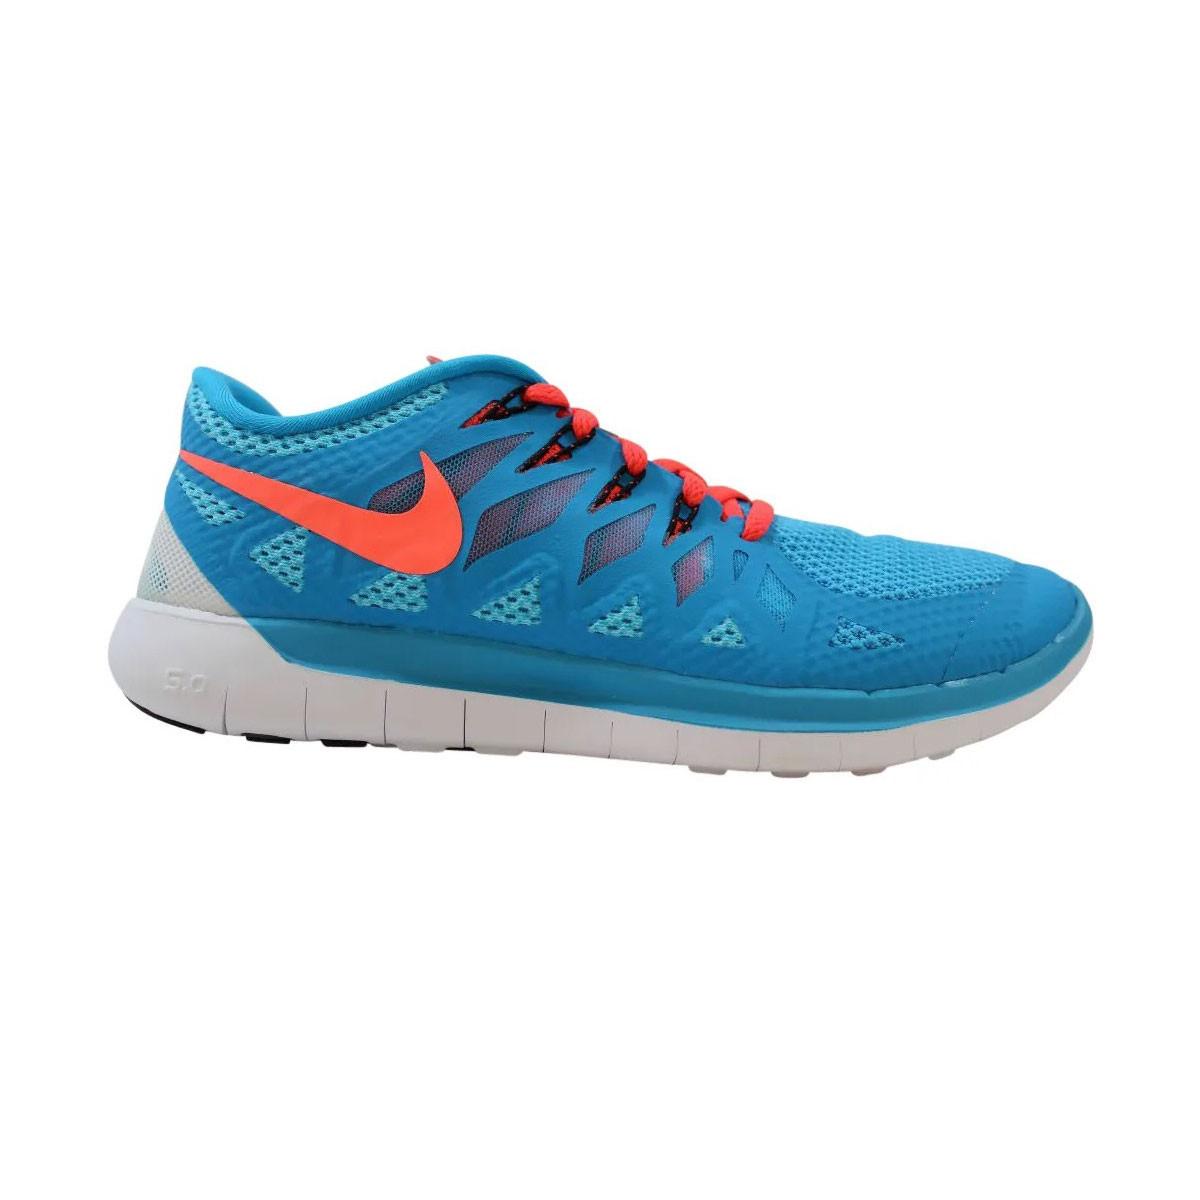 Jabeth Wilson fregar el último  Zapatillas Nike Nike Free 5.0 Training para Hombre | Runa Store